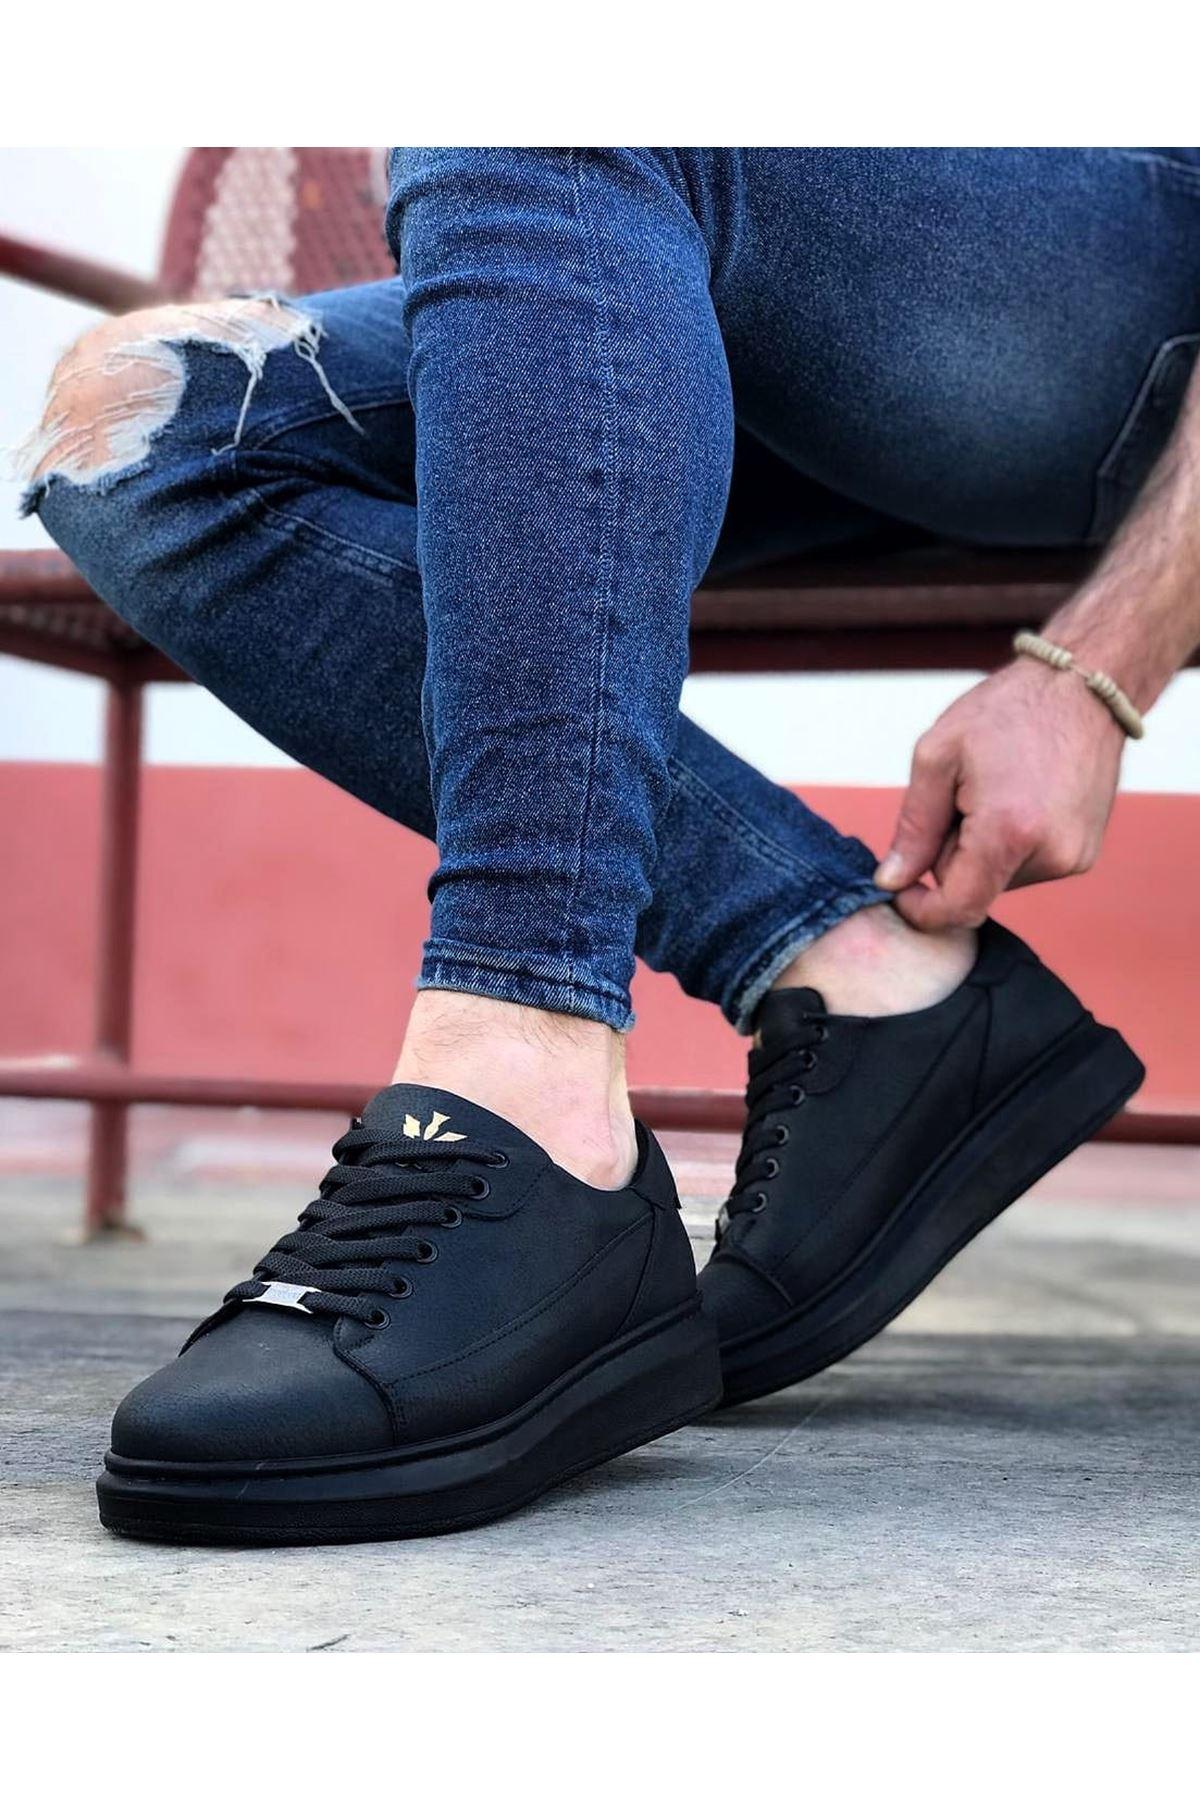 Wagoon WG028 Kömür Bağcıklı Kalın Taban Casual Erkek Ayakkabı